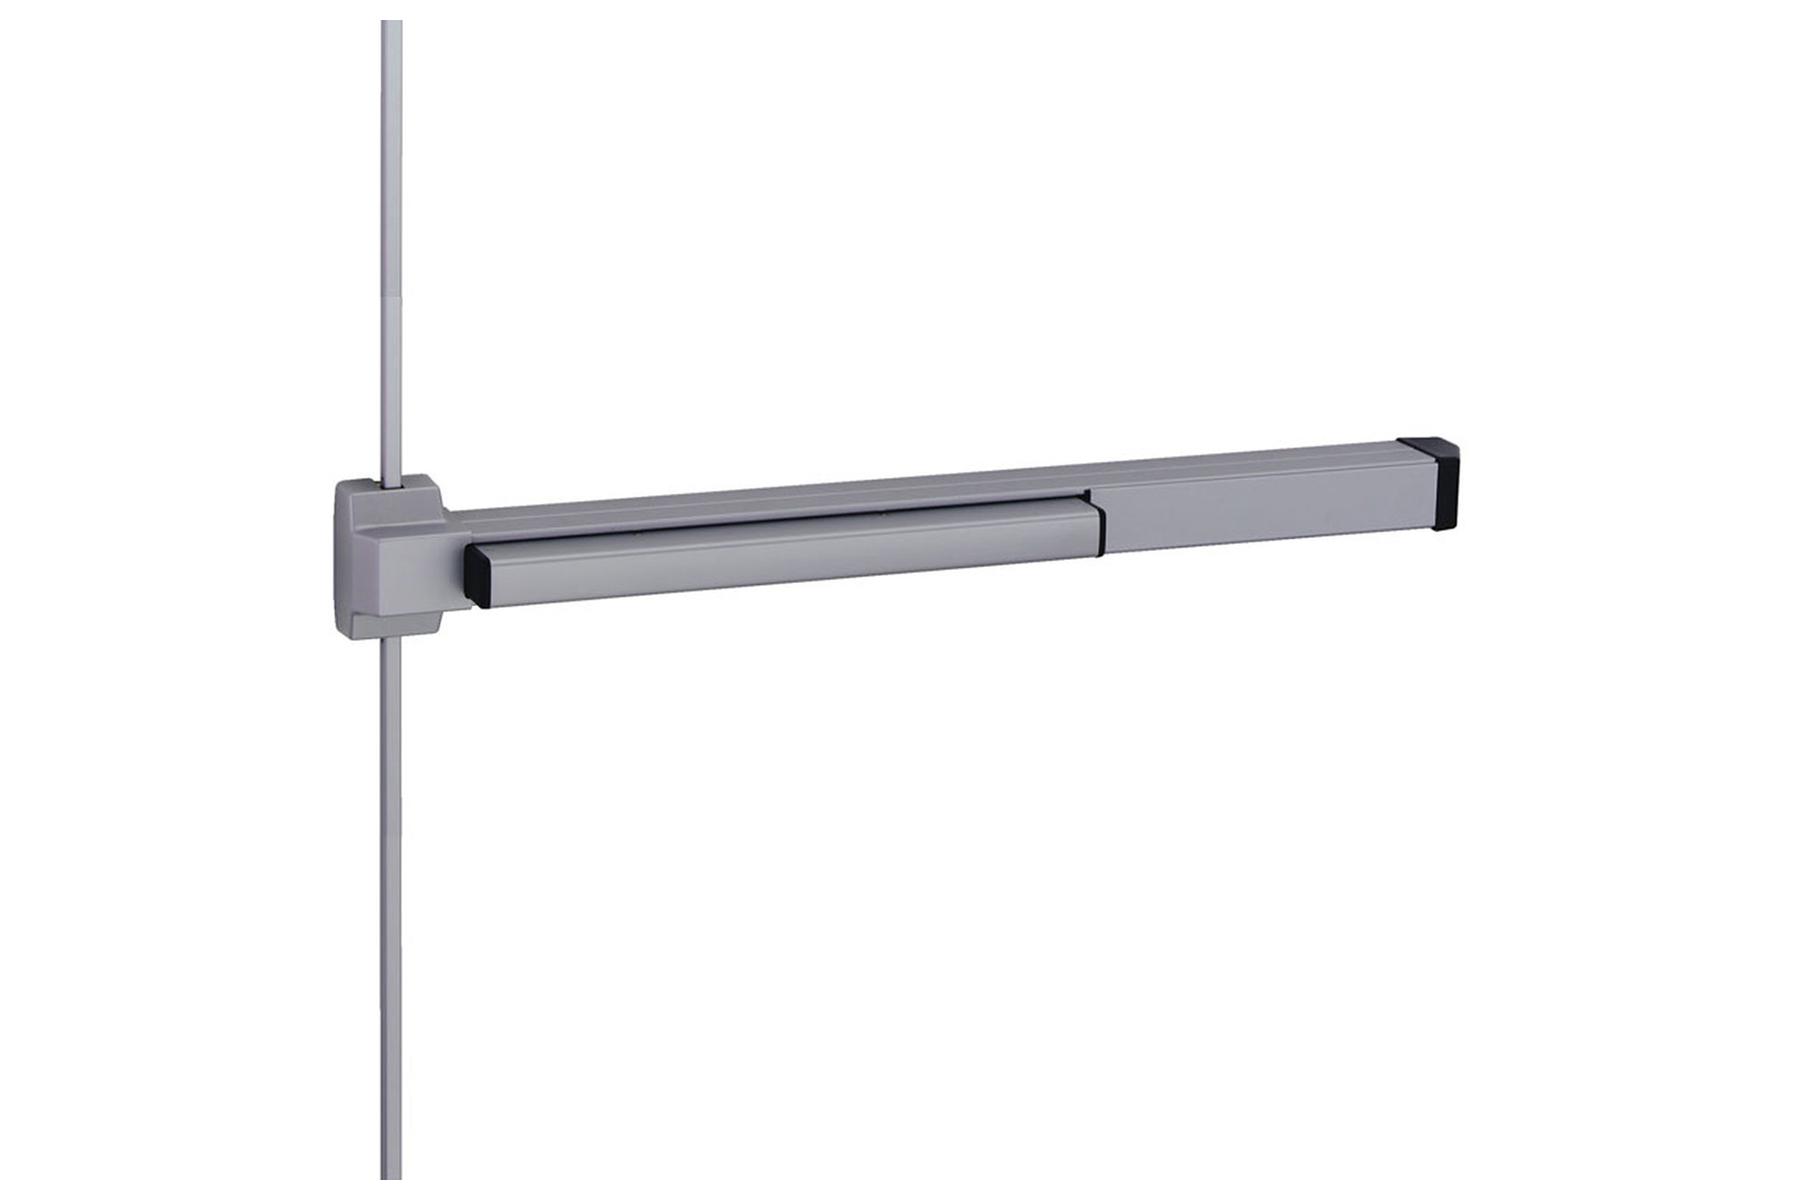 Von Duprin 22 Series Vertical Bar